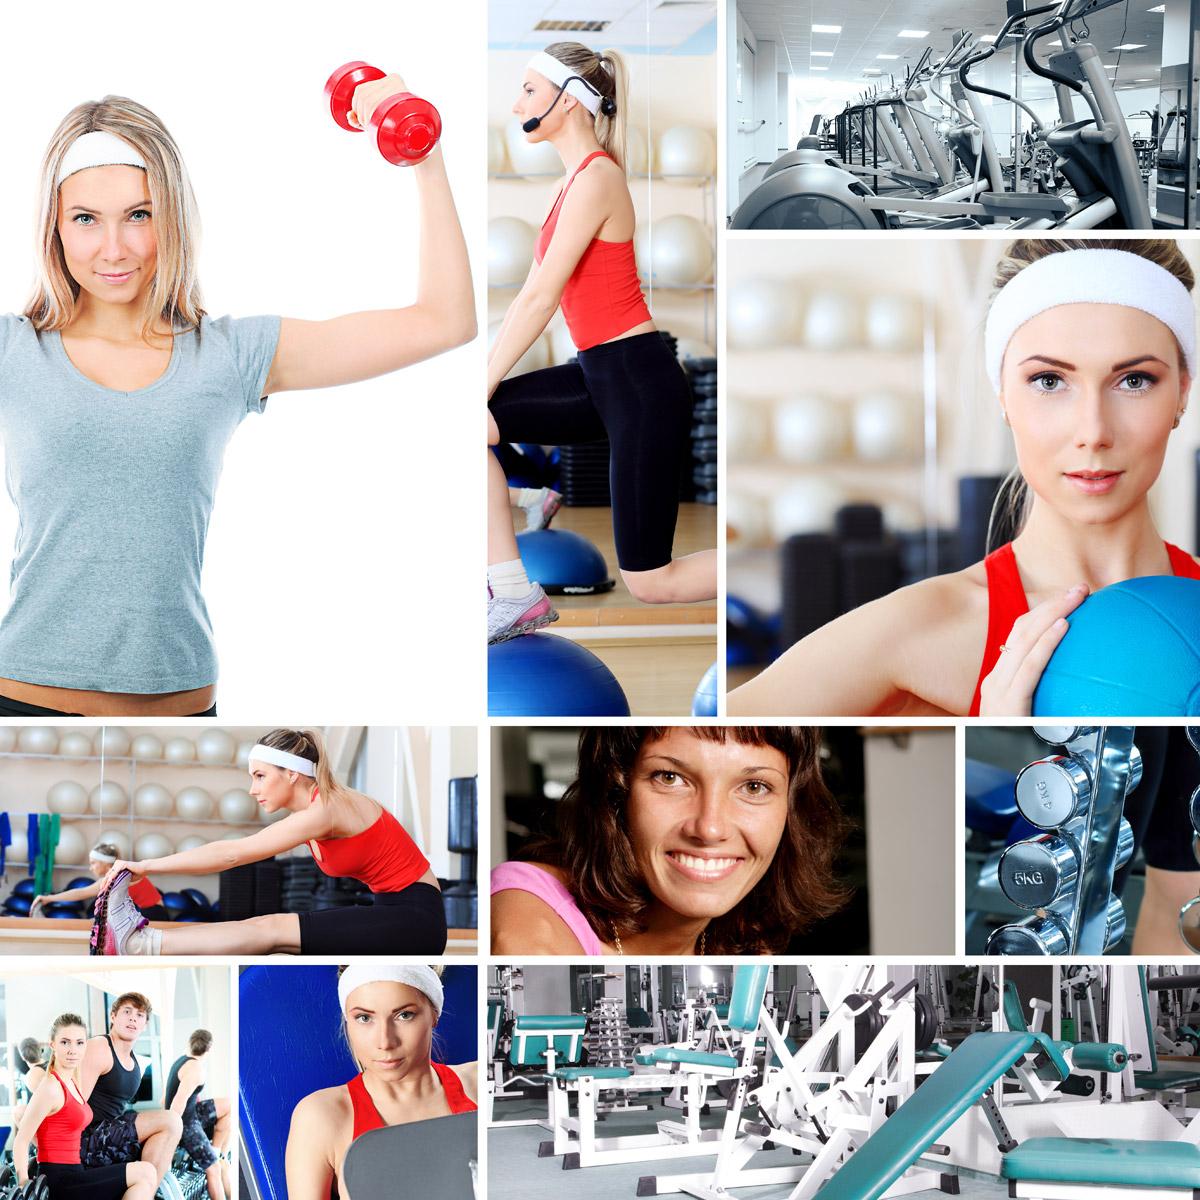 Zajděte si zacvičit do dámského fitness.